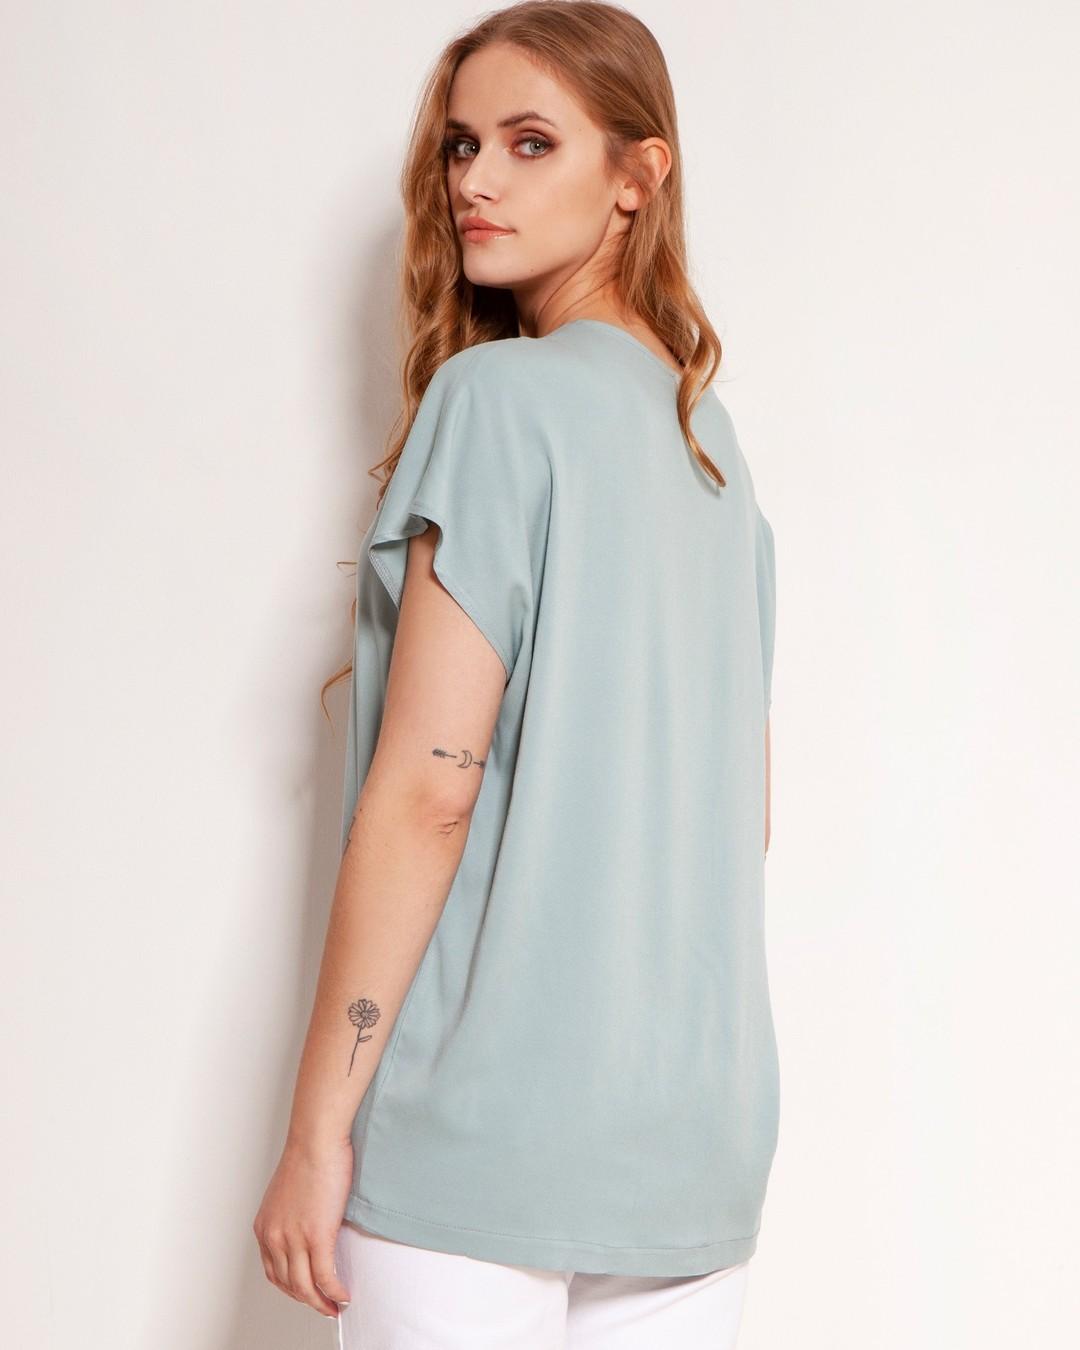 Luźny t-shirt z kimonowym rękawem i twarzowym dekoltem w serek. To uosobienie tiszerta idealnego - każda sylwetka wygląda w nim obłędnie. Uszyty w Polsce, z wysokiej jakości, przewiewnej wiskozy. Oversize'owy fason idealnie sprawdza się wpuszczony w spodnie i spódnice. #tiszert #bluzka #wiskoza #moda #madeinpoland #polishgirl #kobieta #fashion #poland #stylizacja #instafashion #model #style #polskakobieta #styl #zakupy #dzienwparku #polskadziewczyna #instalike #bestseller #shop #quality #blouse #polishfashion #ootd #outfitoftheday #instashop #jakość #instalove #casualstyle 2071